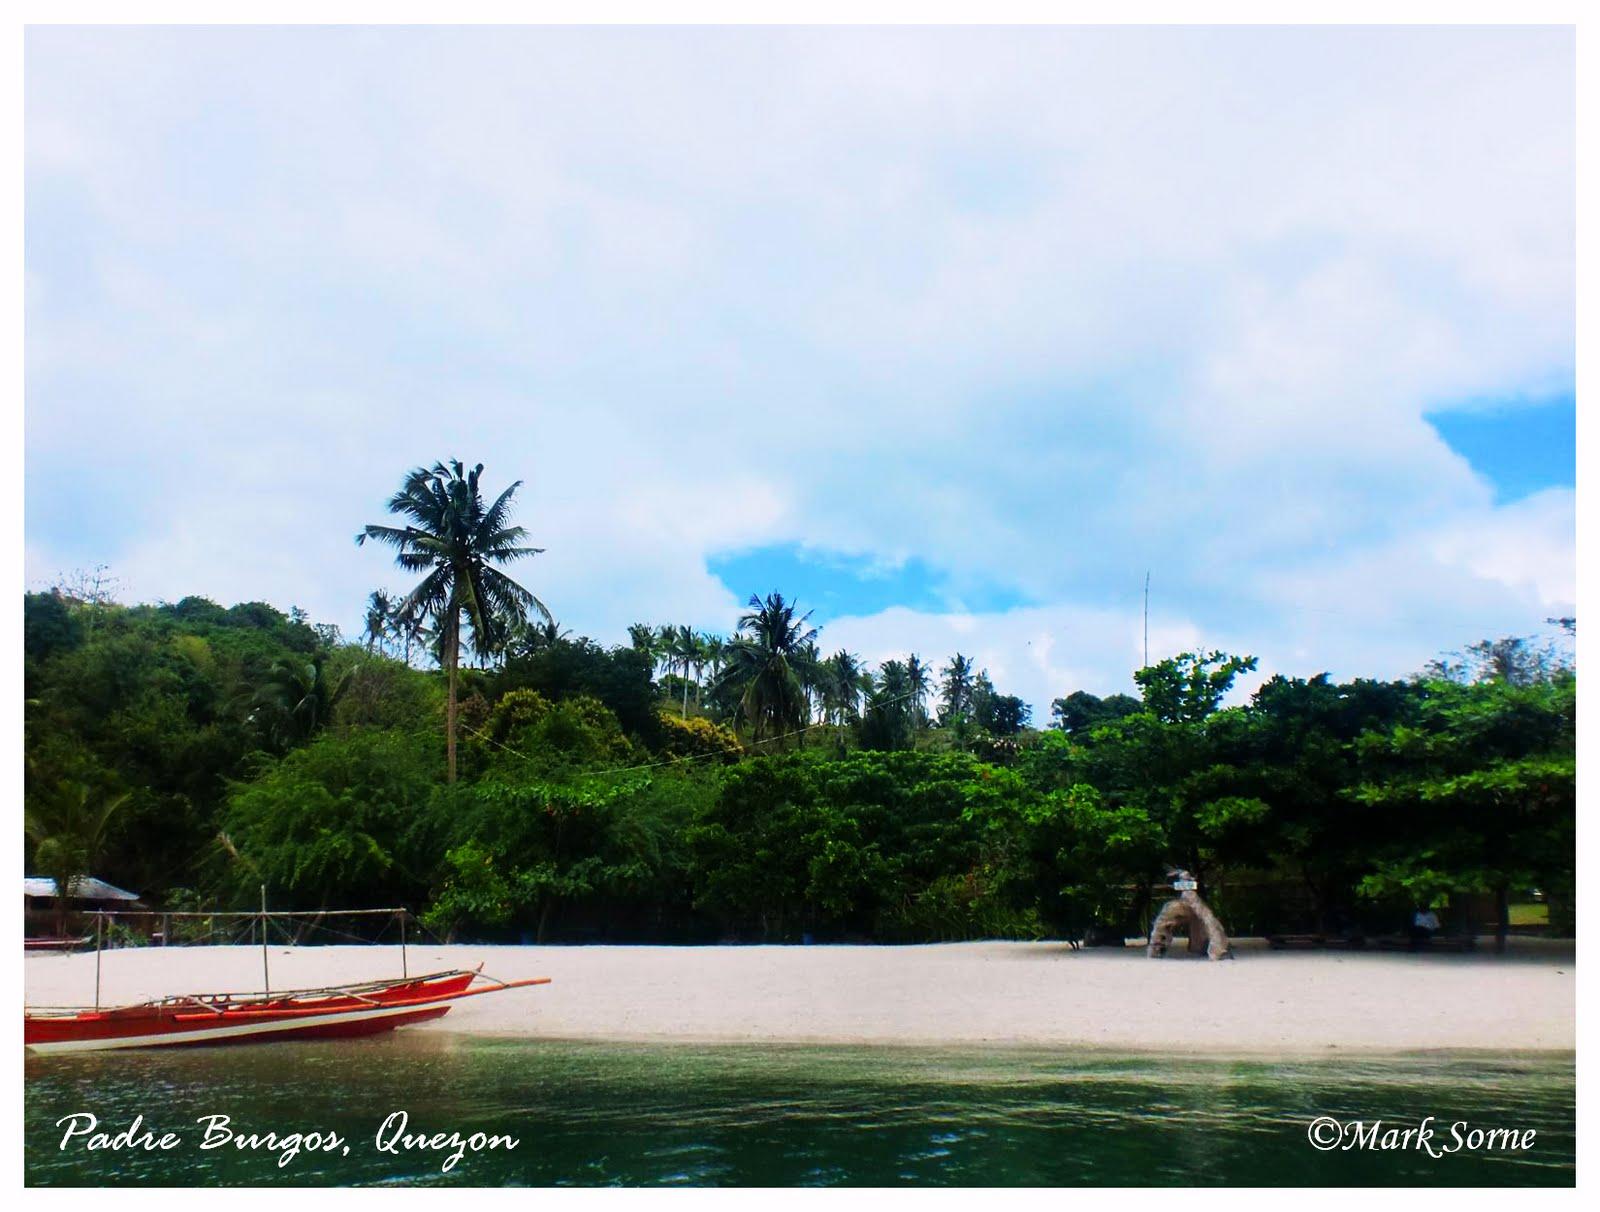 Padre Burgos (Quezon) Philippines  City new picture : Padre Burgos Quezon